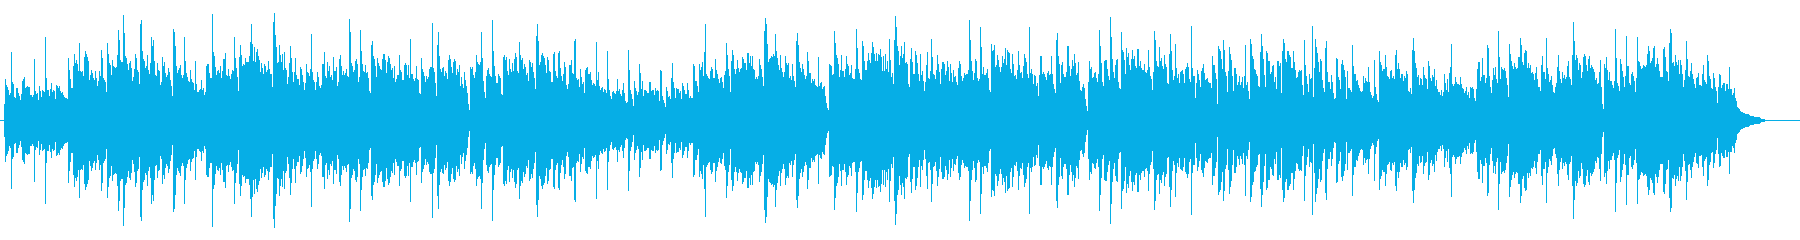 アコーディオン英国民謡グリーンスリーブスの再生済みの波形